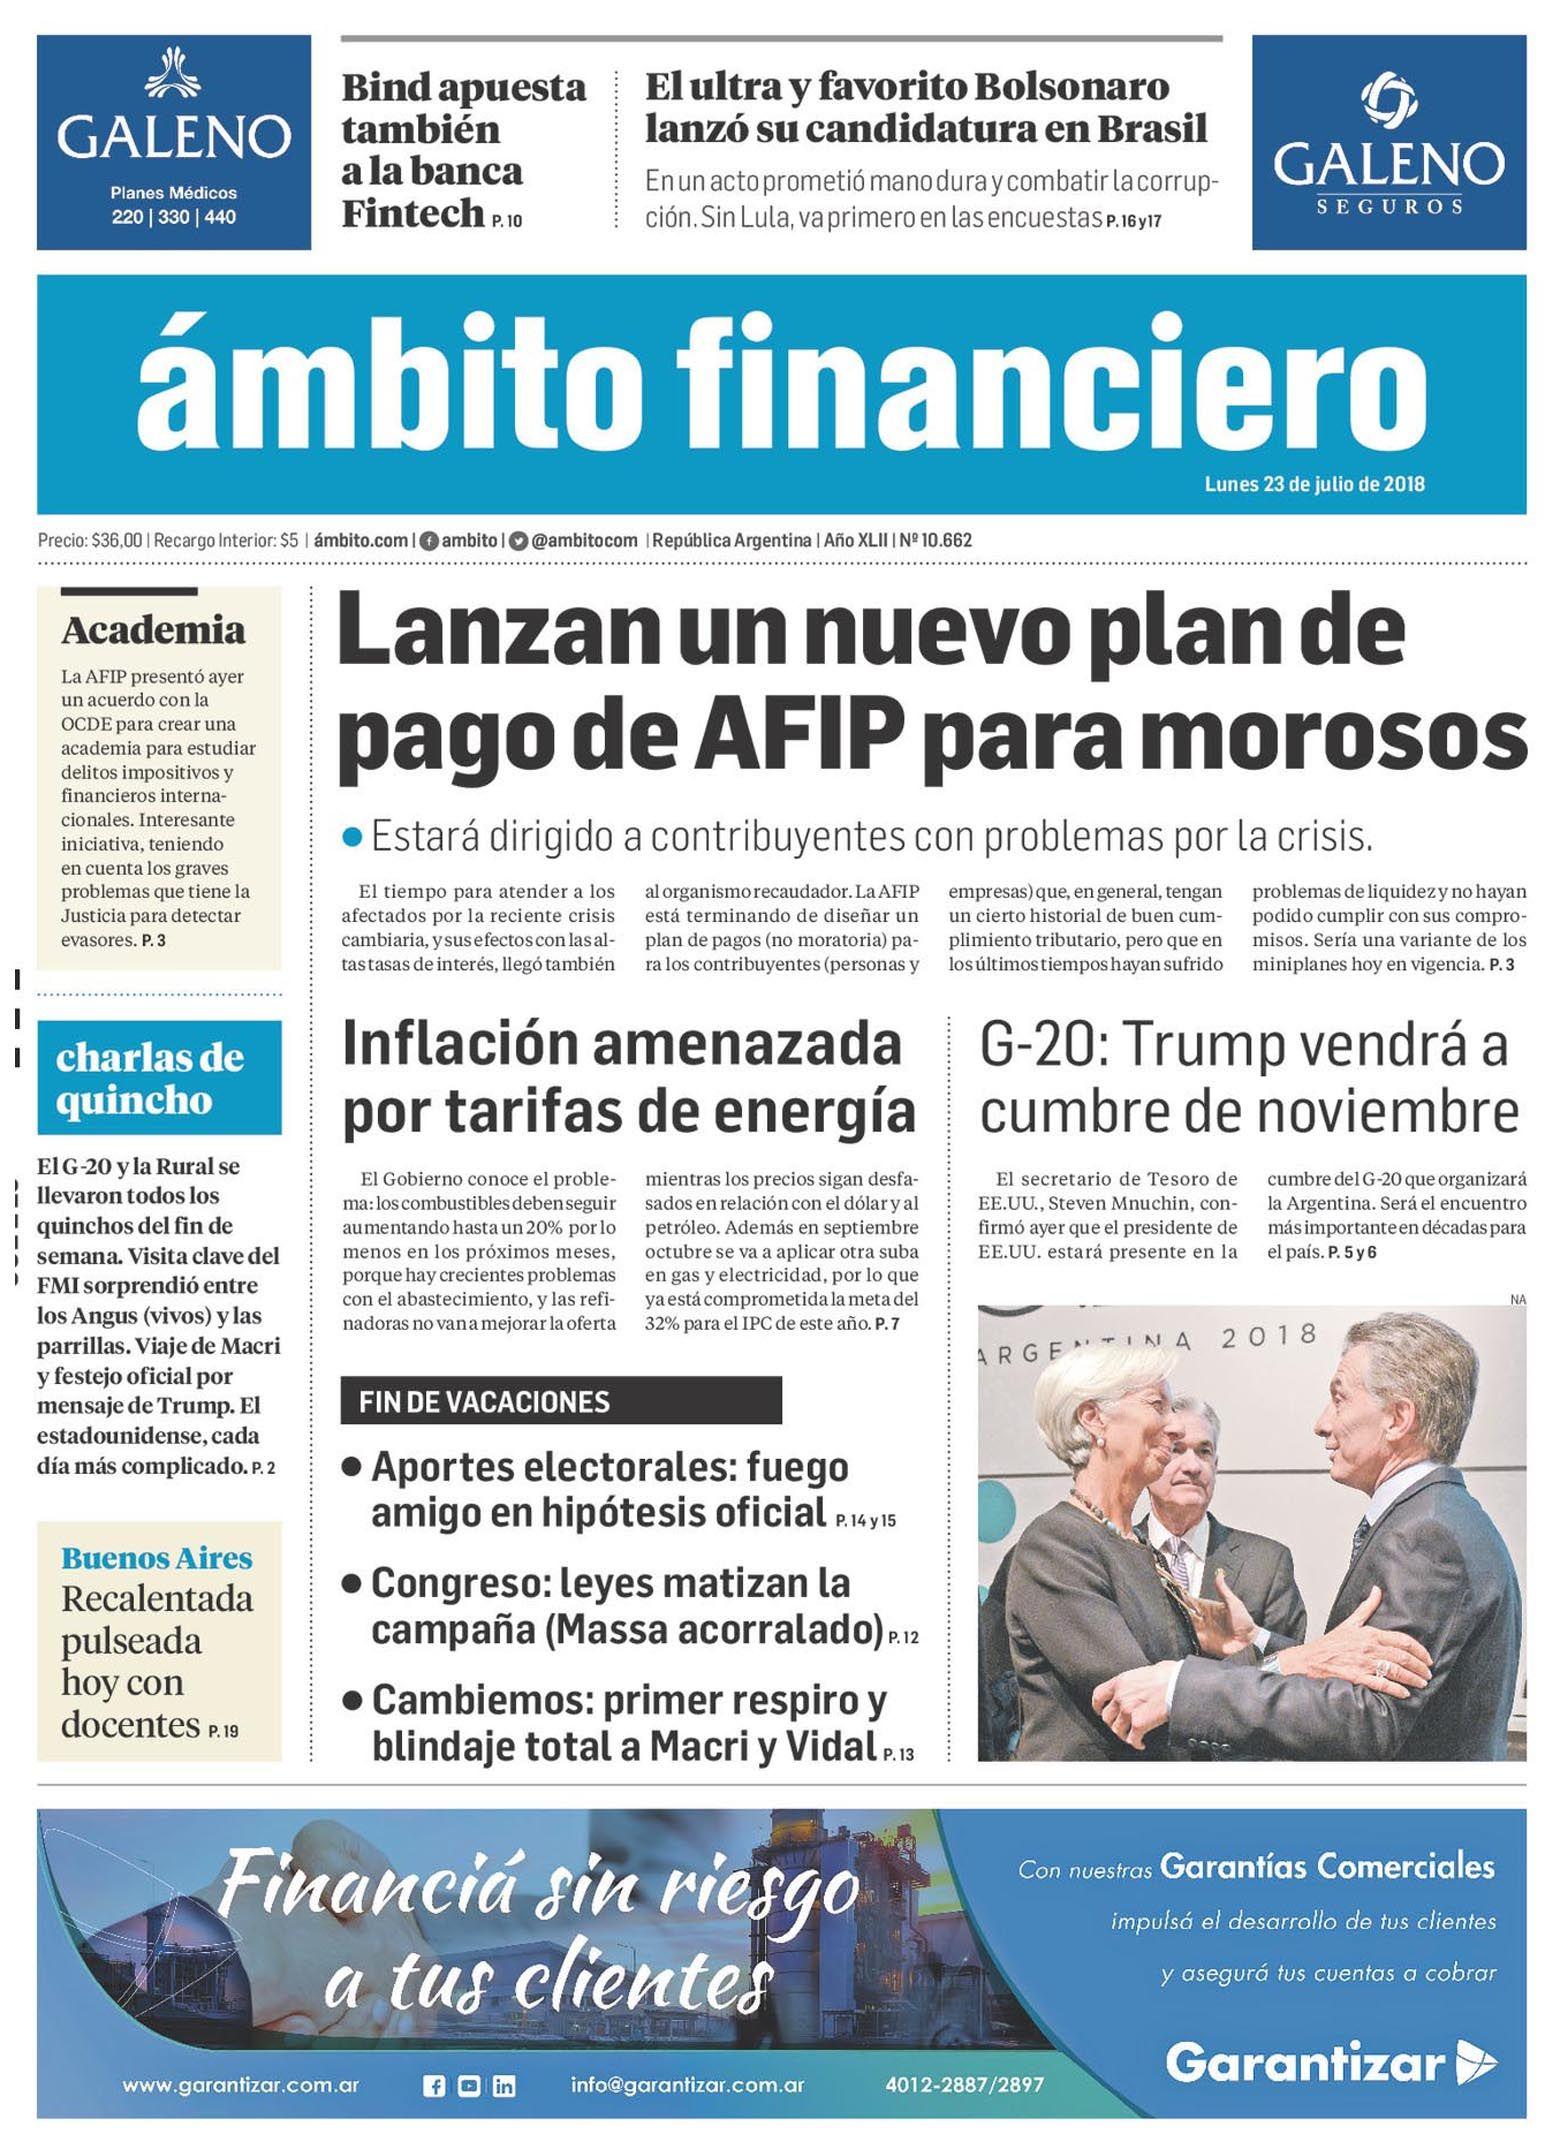 Tapas de diarios del lunes 23 de julio de 2018